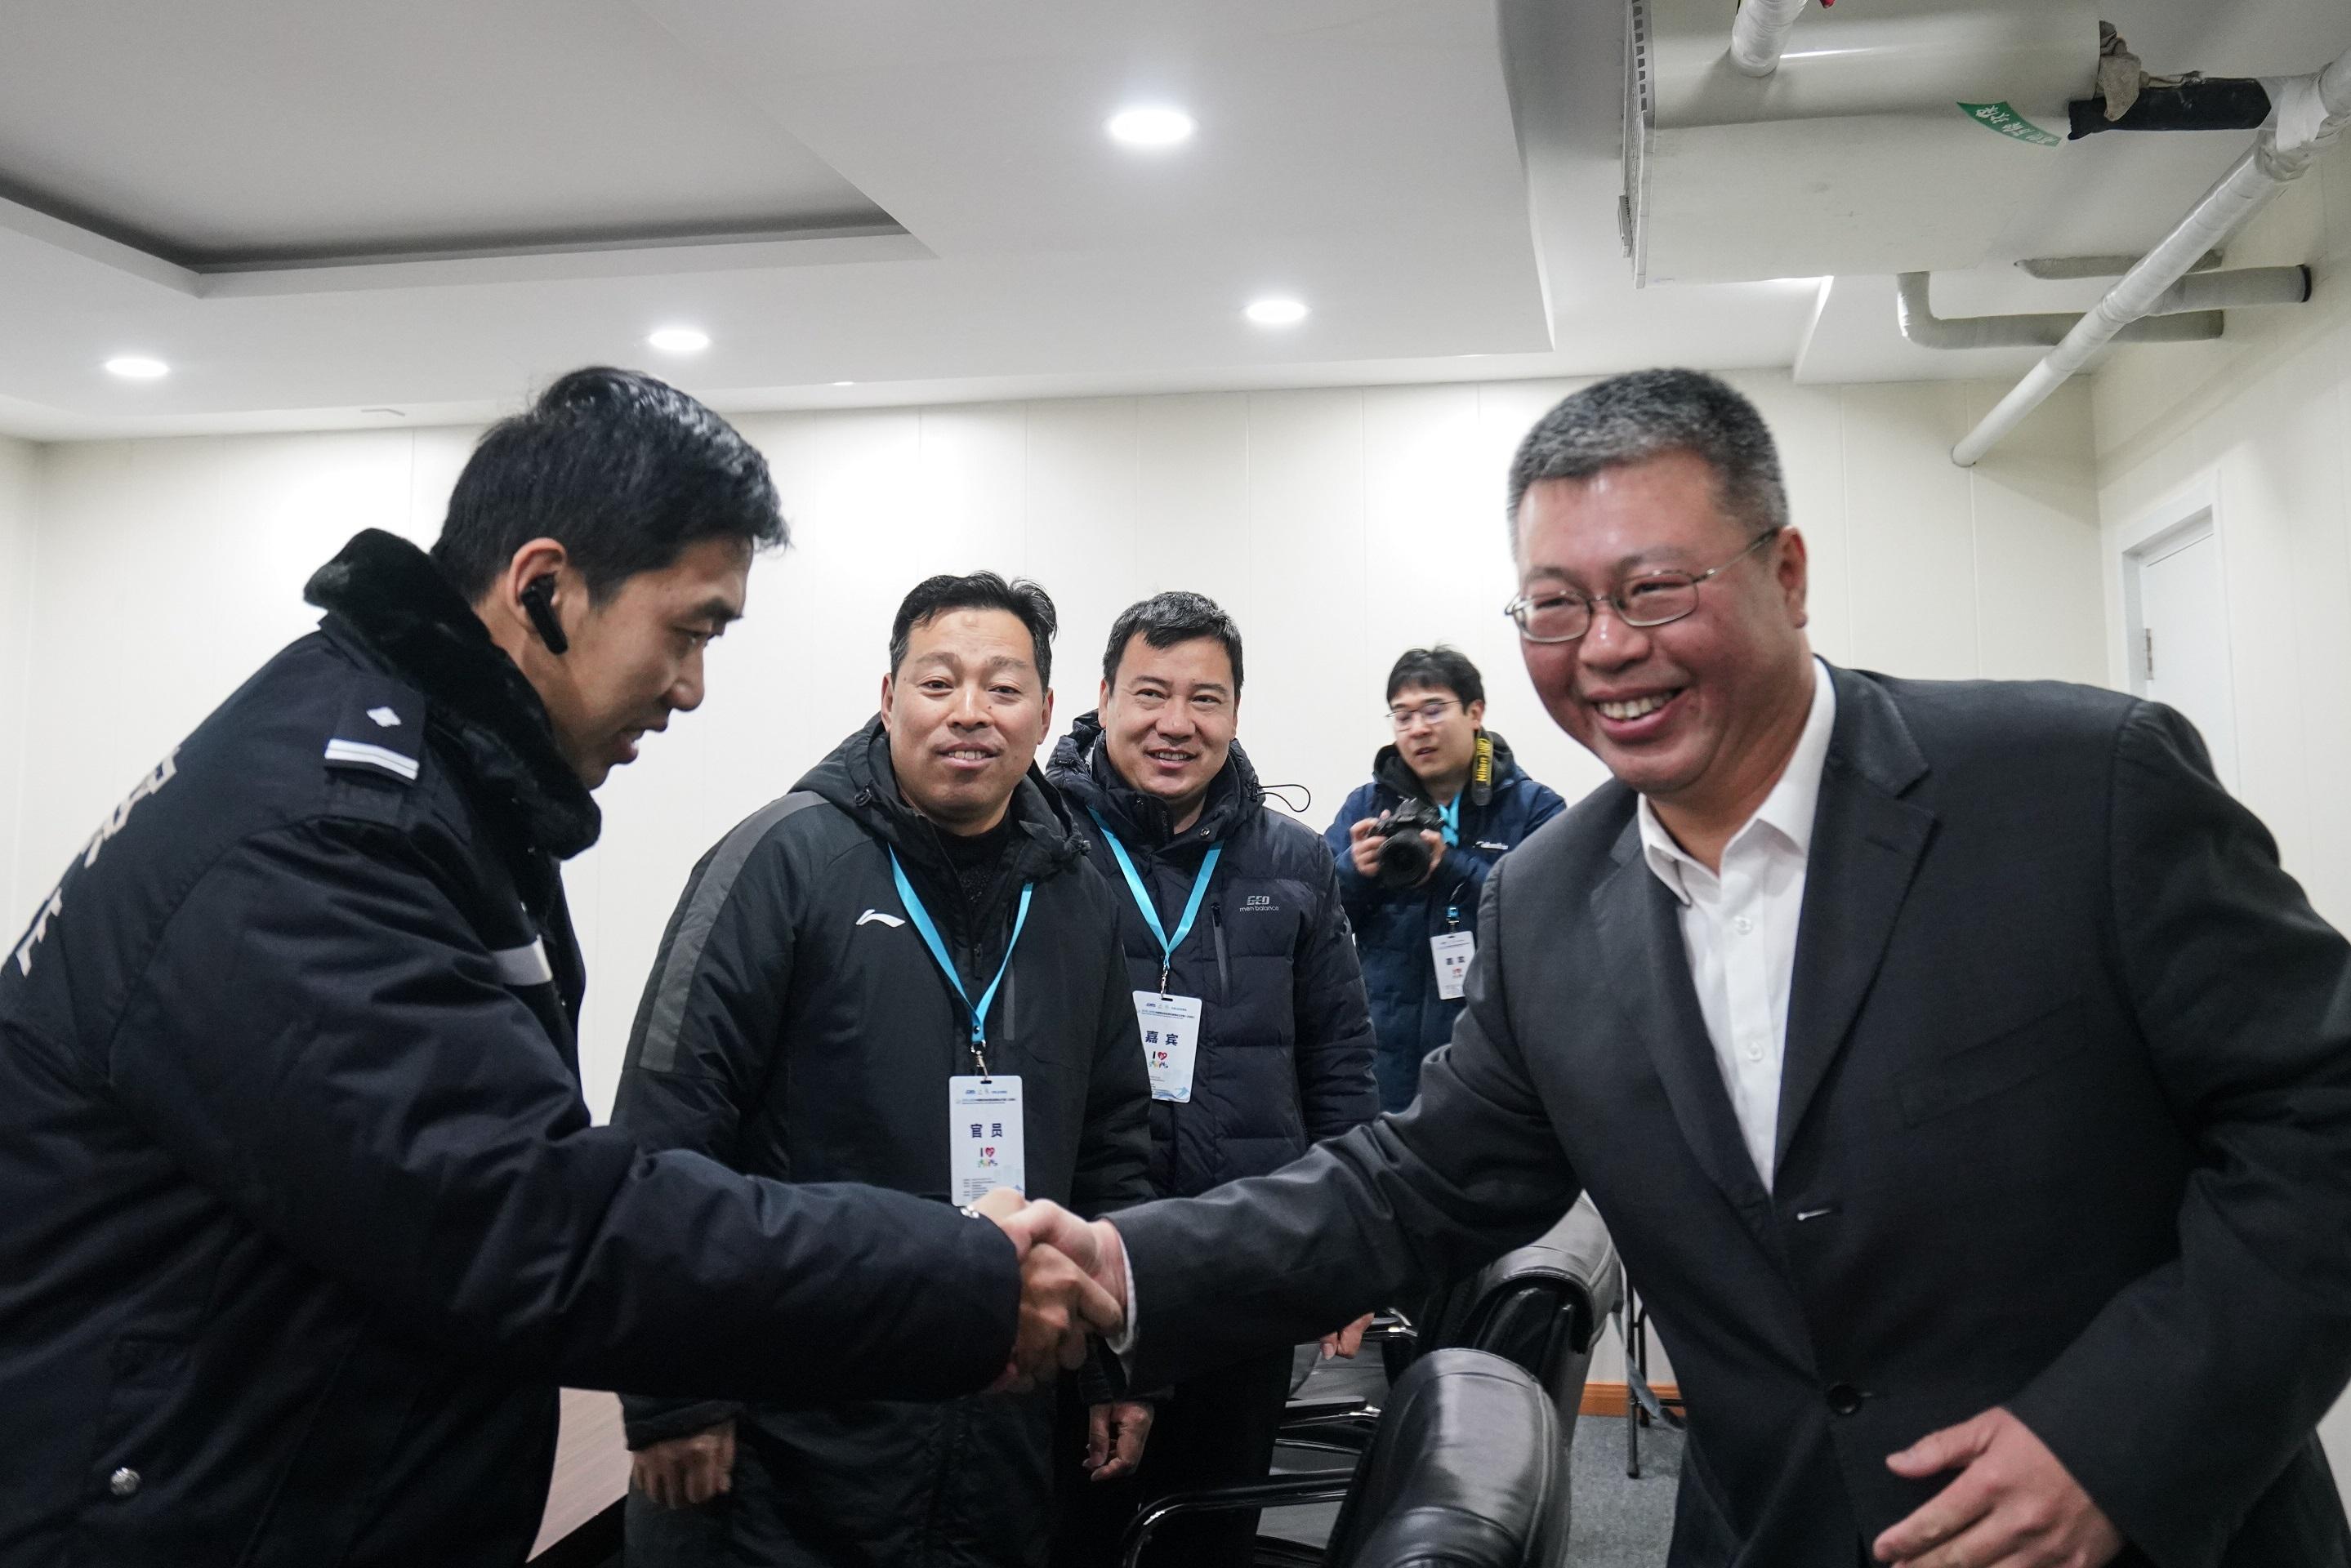 俱乐部滑冰地下赛北京站(第三站)正式揭幕